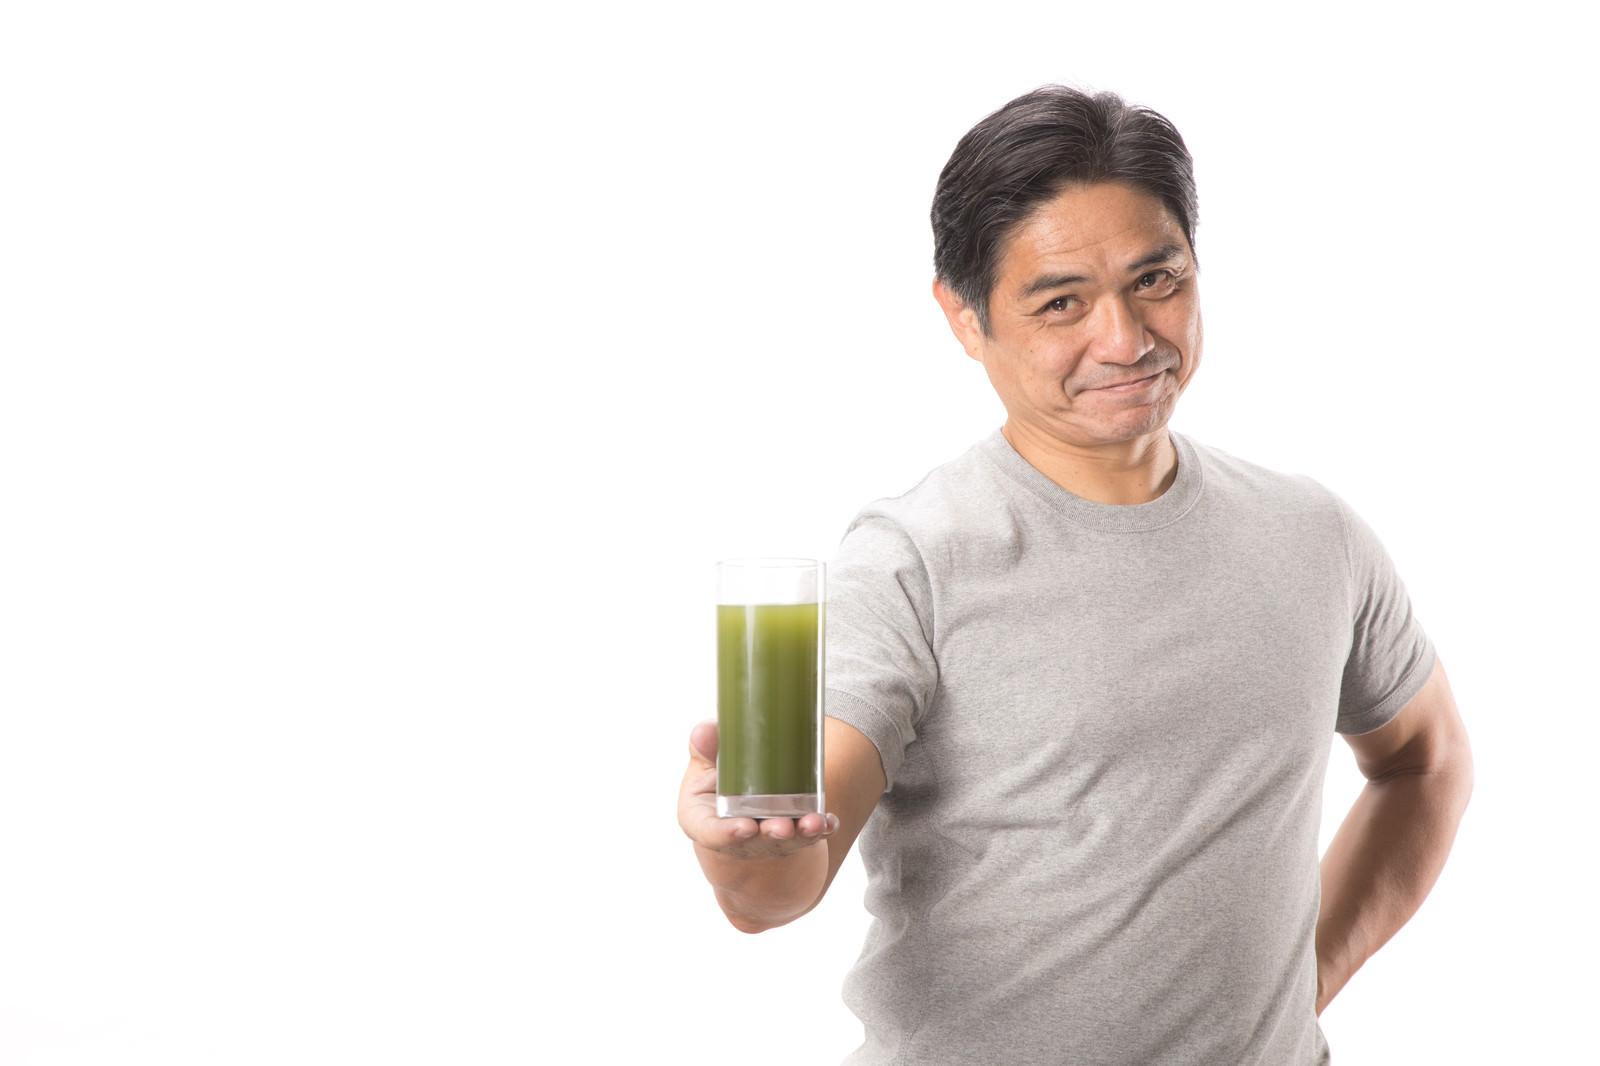 「私がおすすめする青汁はこちらです(中年男性)私がおすすめする青汁はこちらです(中年男性)」[モデル:よたか]のフリー写真素材を拡大